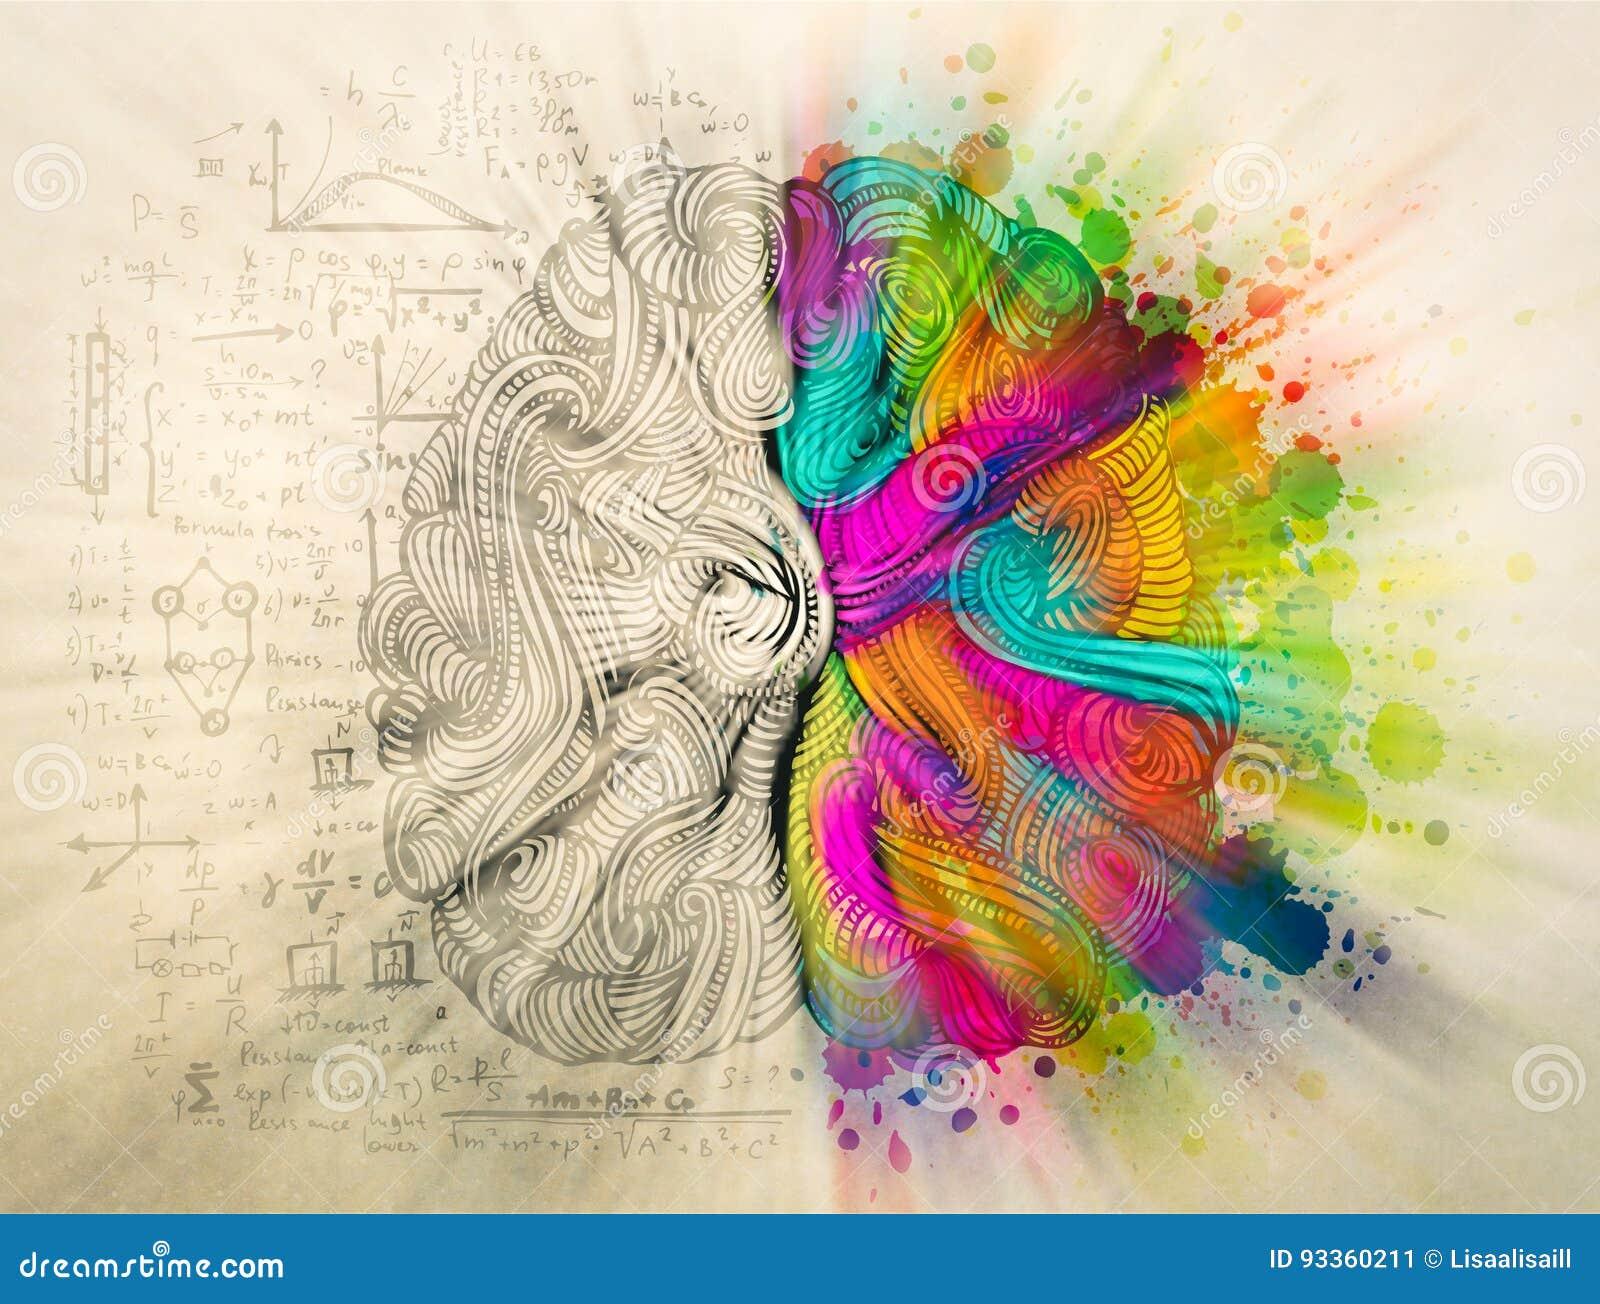 Concepto del garabato del cerebro sobre lado derecho creativo y lado izquierdo lógico